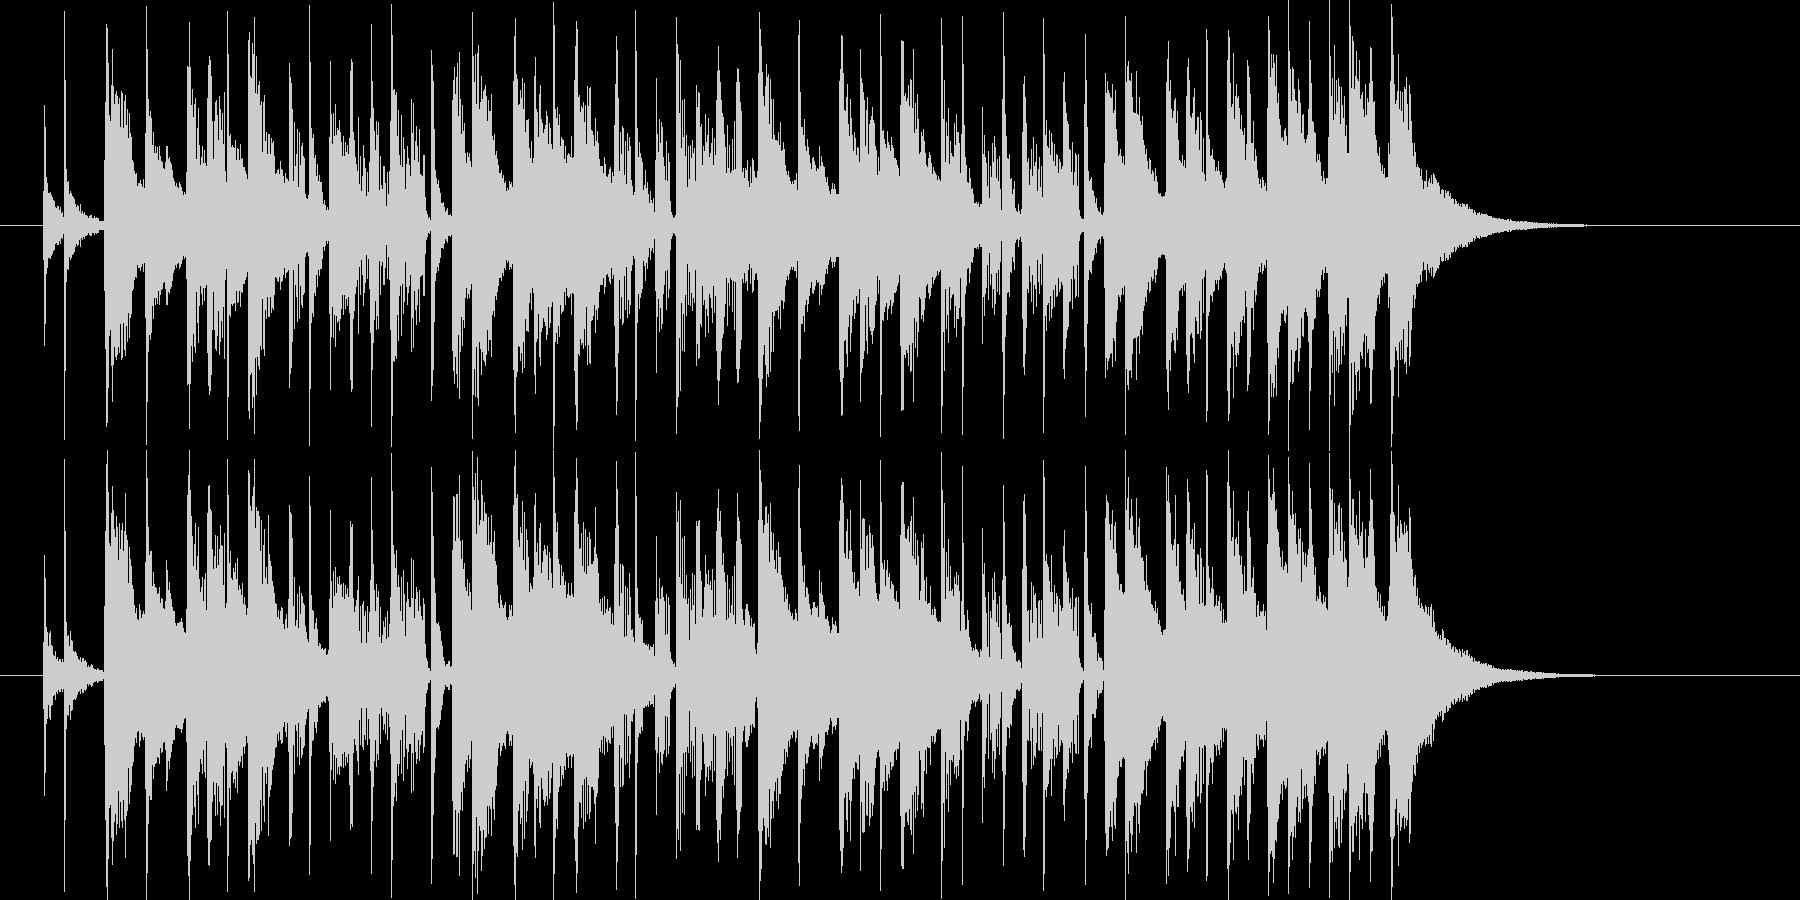 鉄琴とドラムが軽快なシンセポップの未再生の波形